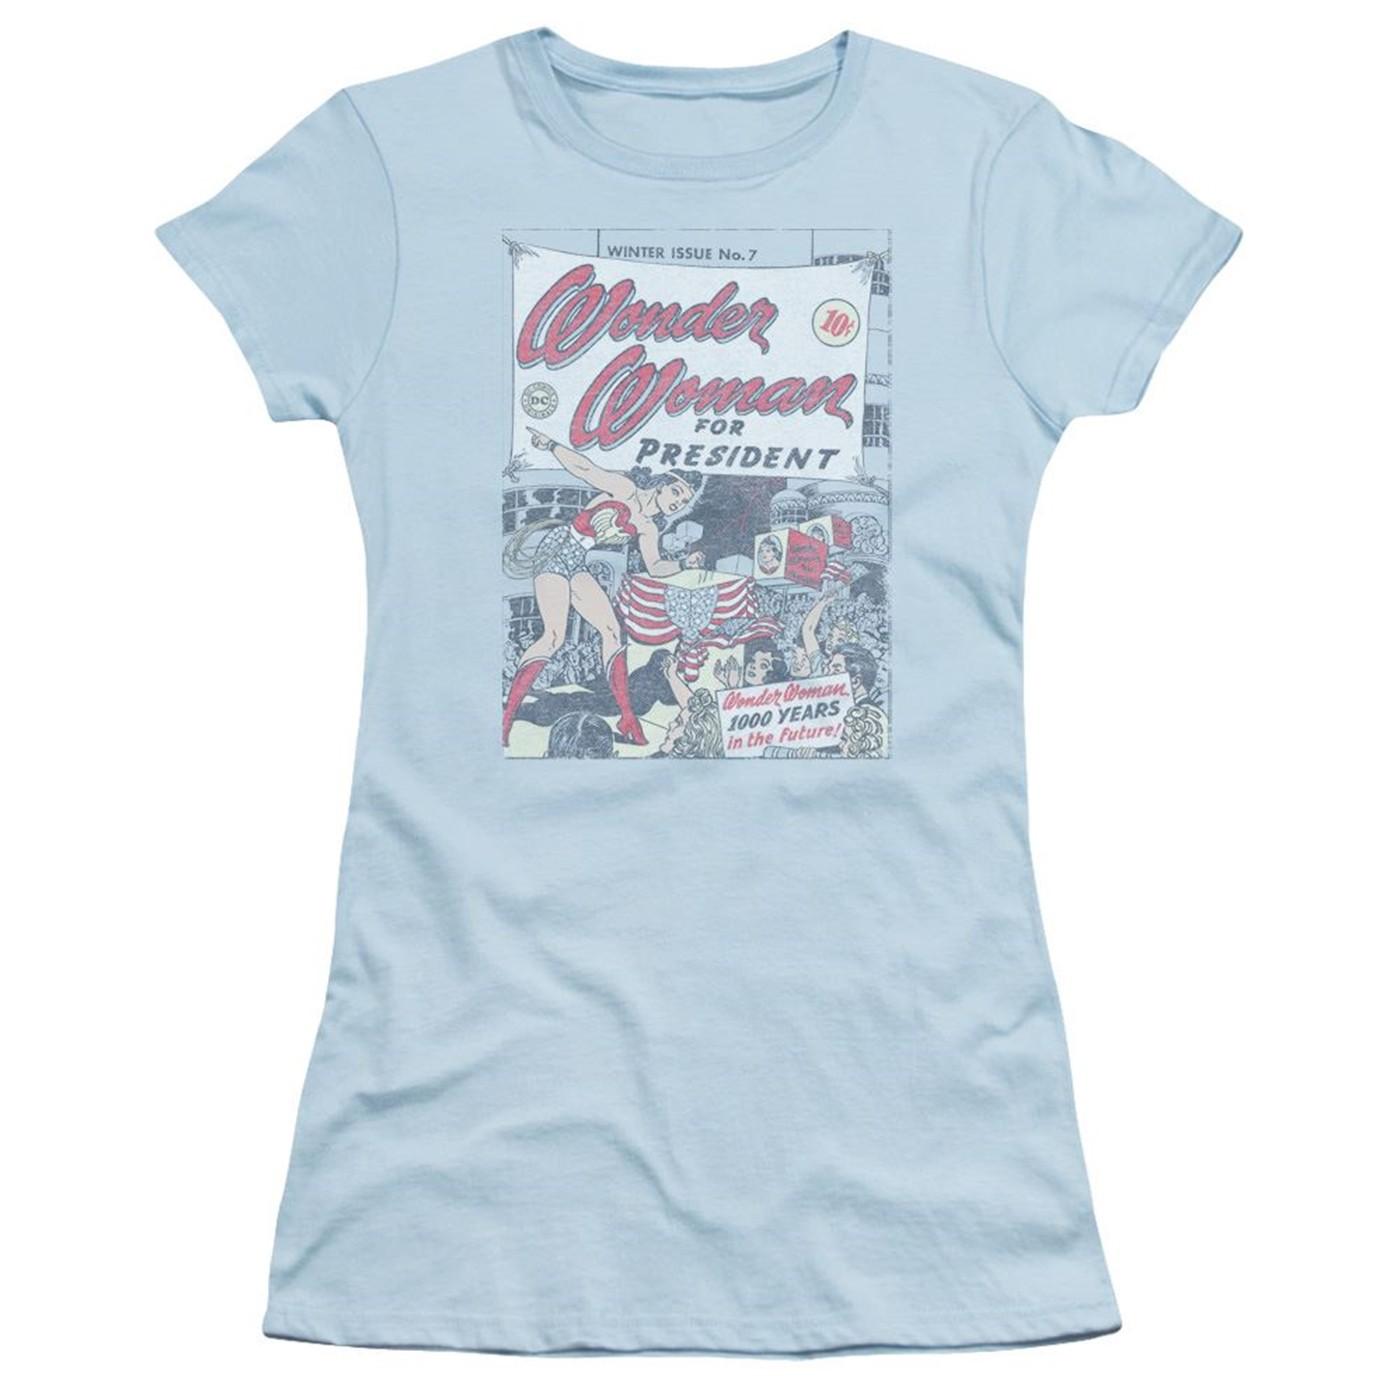 Wonder Woman for President Women's T-Shirt